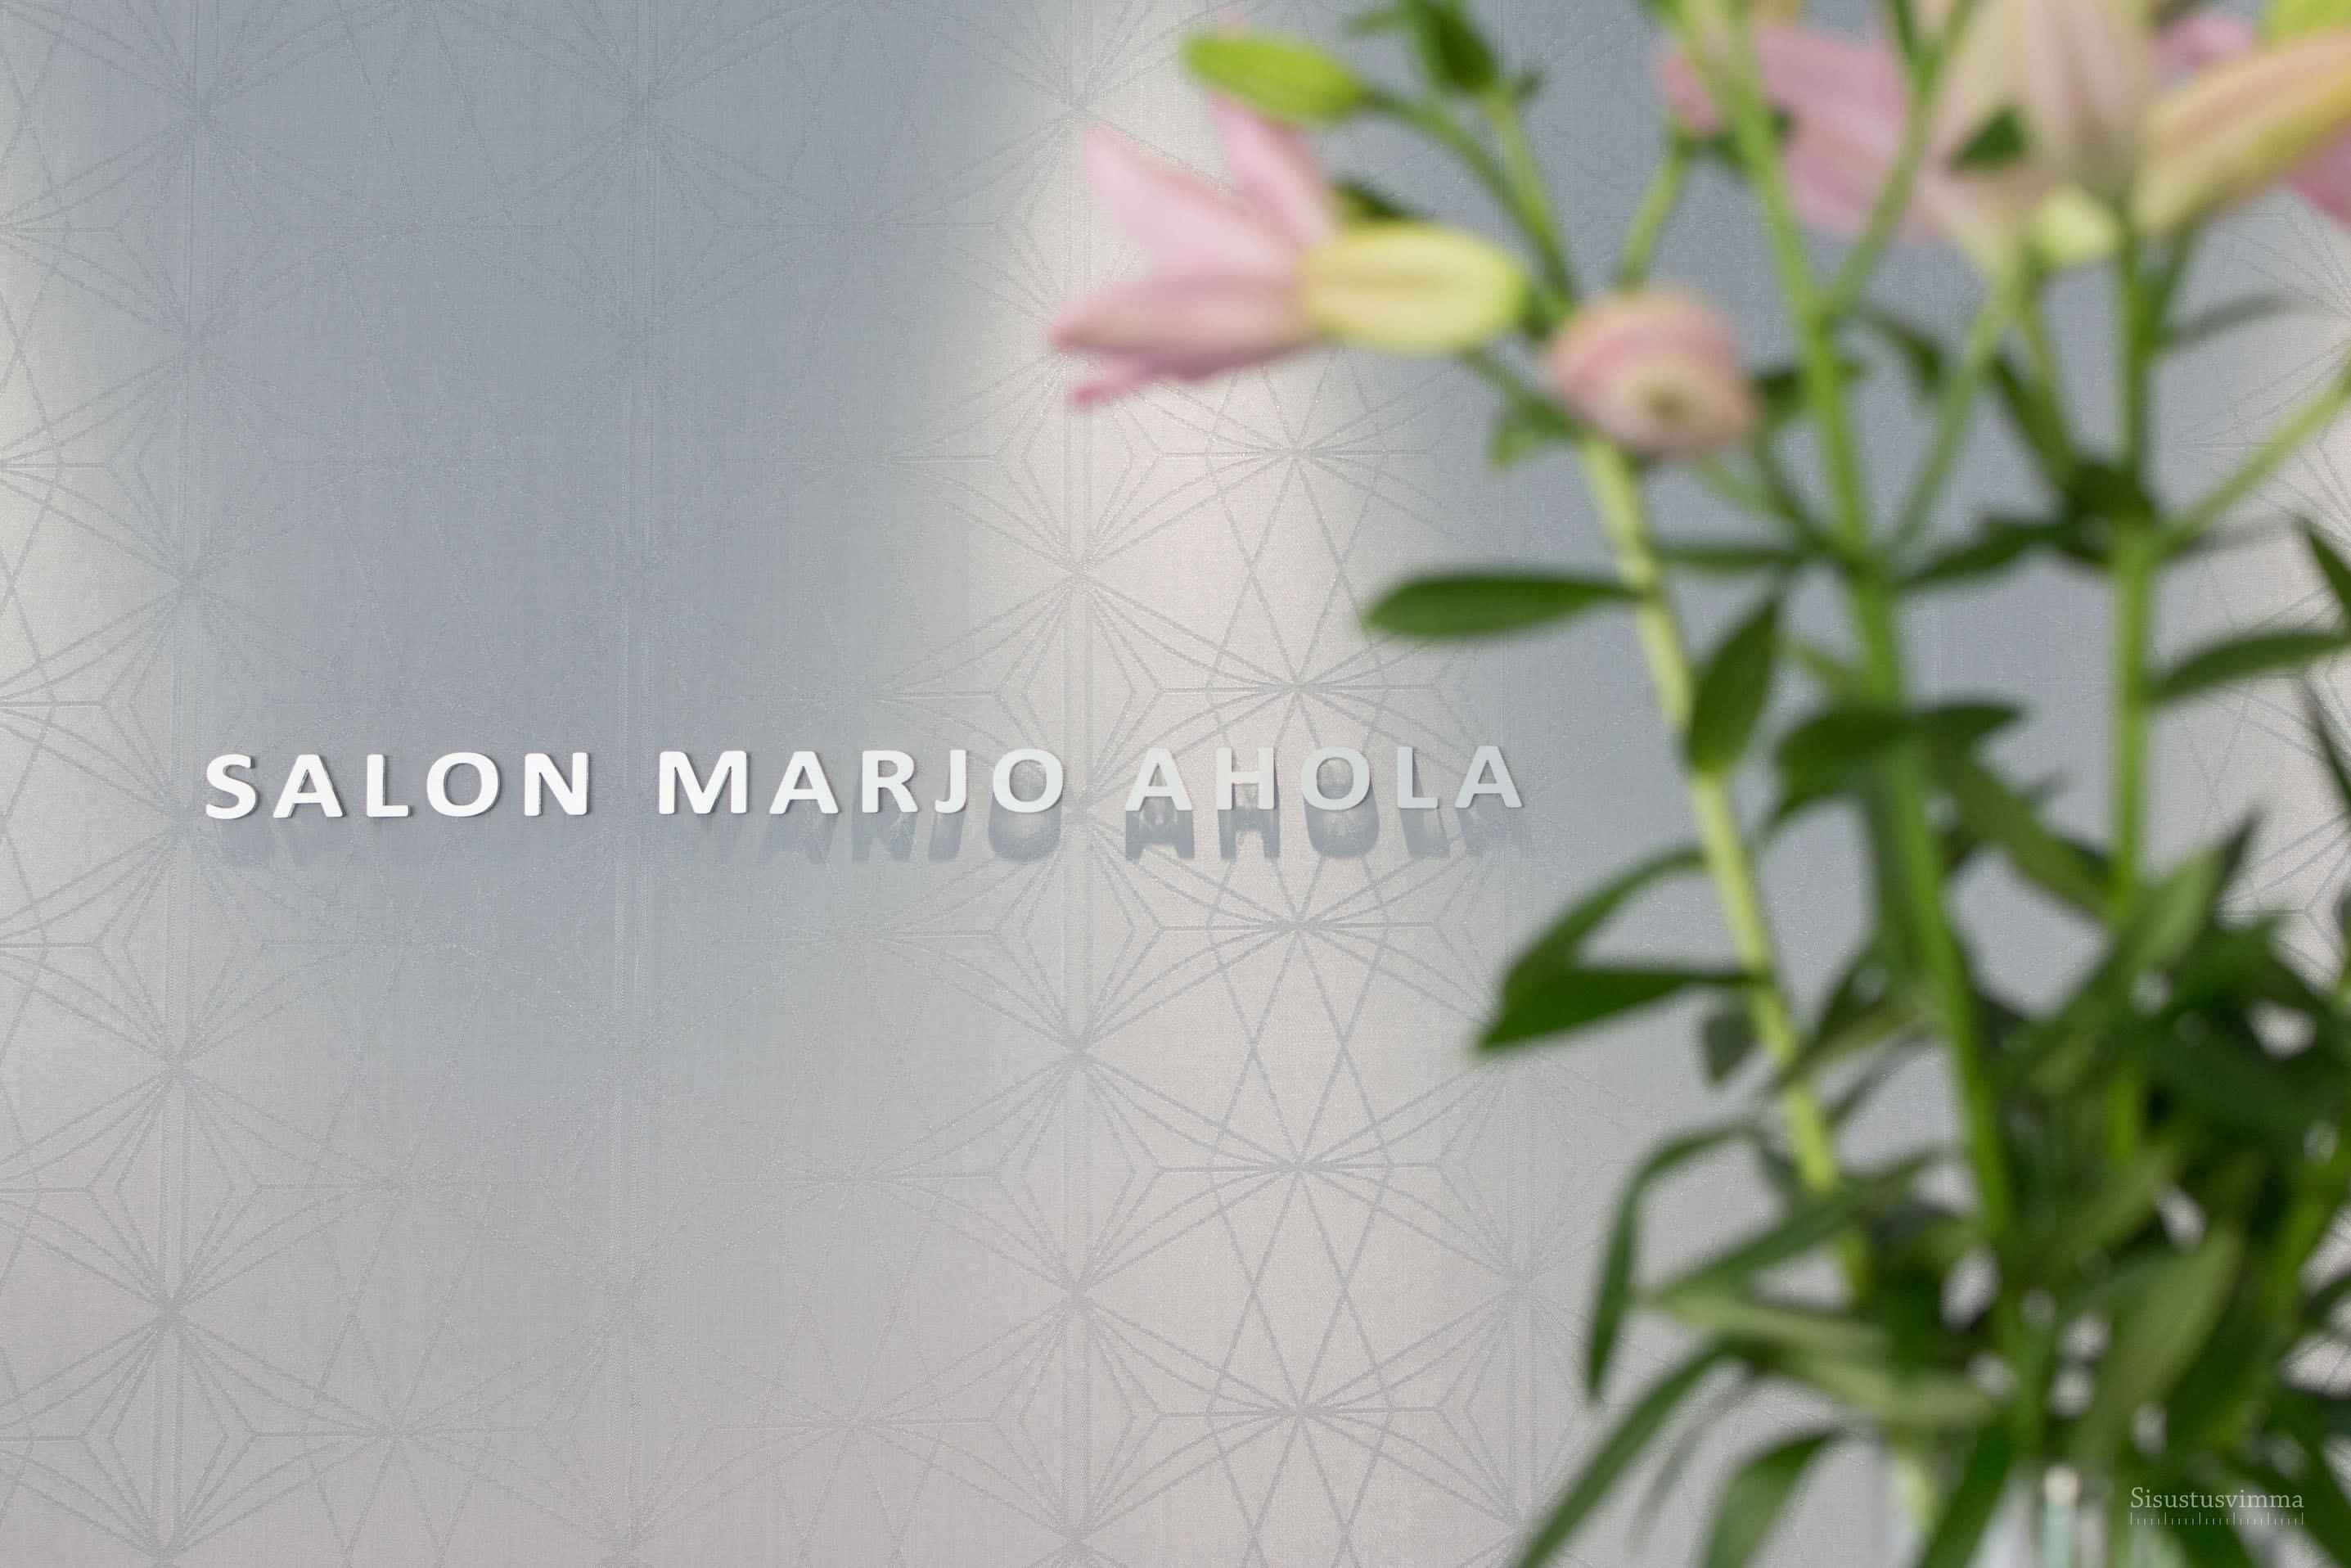 Salon Marjo Ahola-01_logo